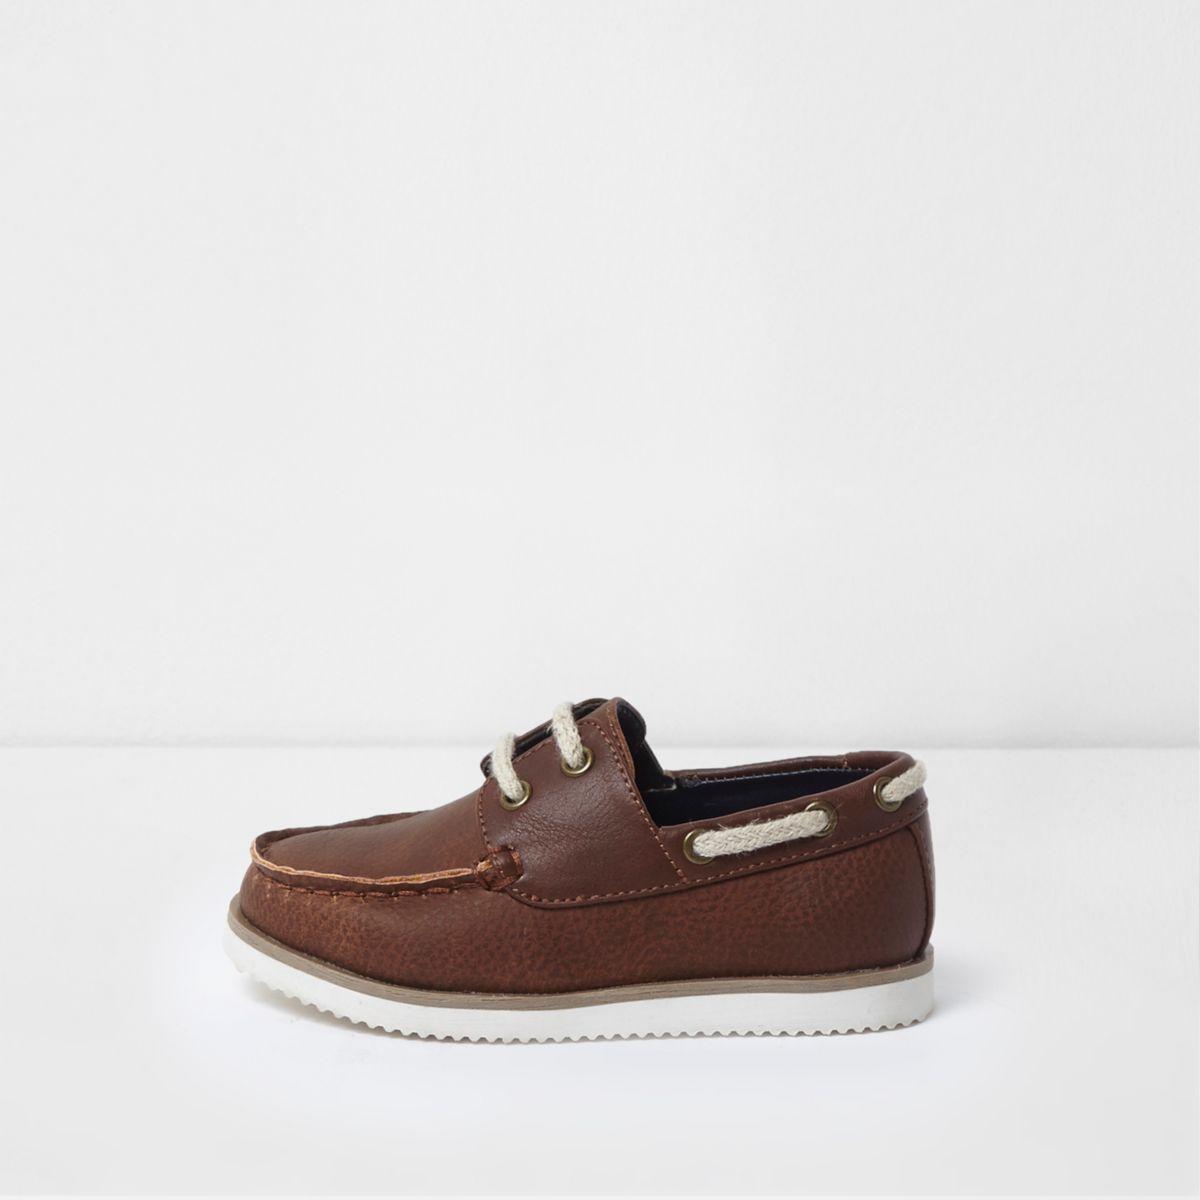 Chaussures bateau marron à lacets pour mini garçon